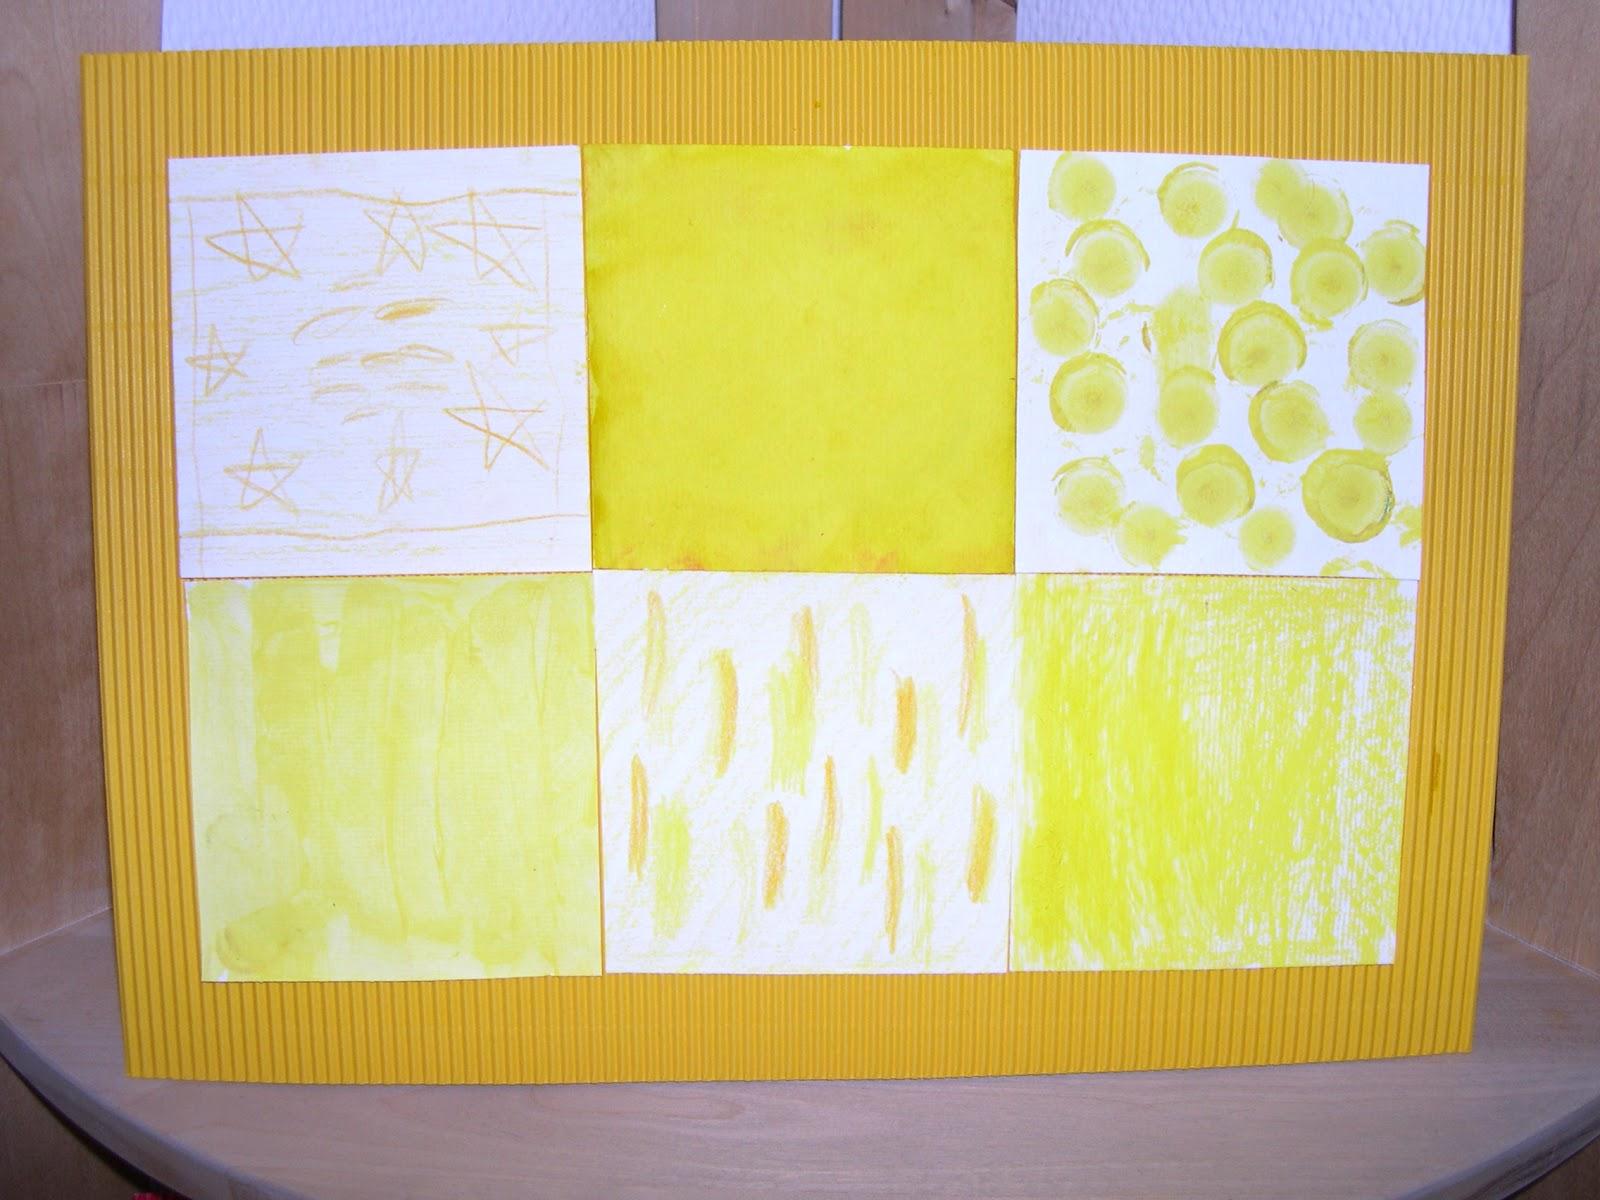 wir bieten den kindern nur gelbe farben zum malen an und dabei